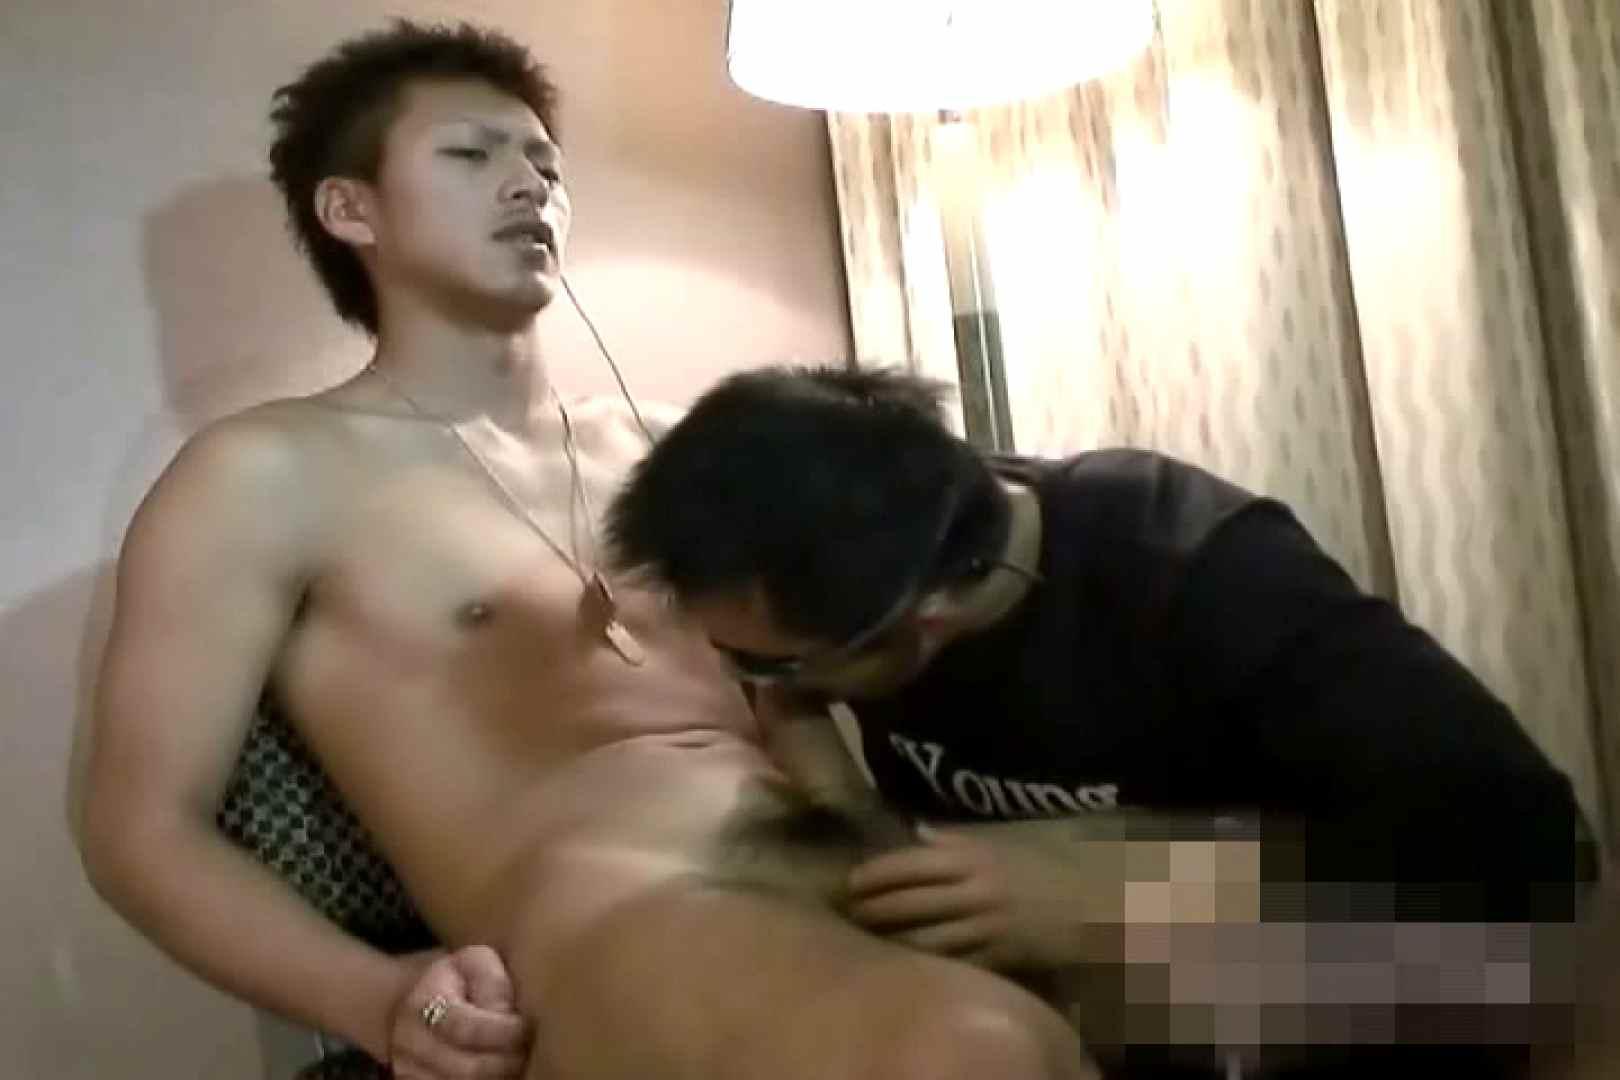 Beautiful muscle モッコリ野郎達!Vol.01 ガチムチマッチョ系 | ボーイズ私服  73pic 62